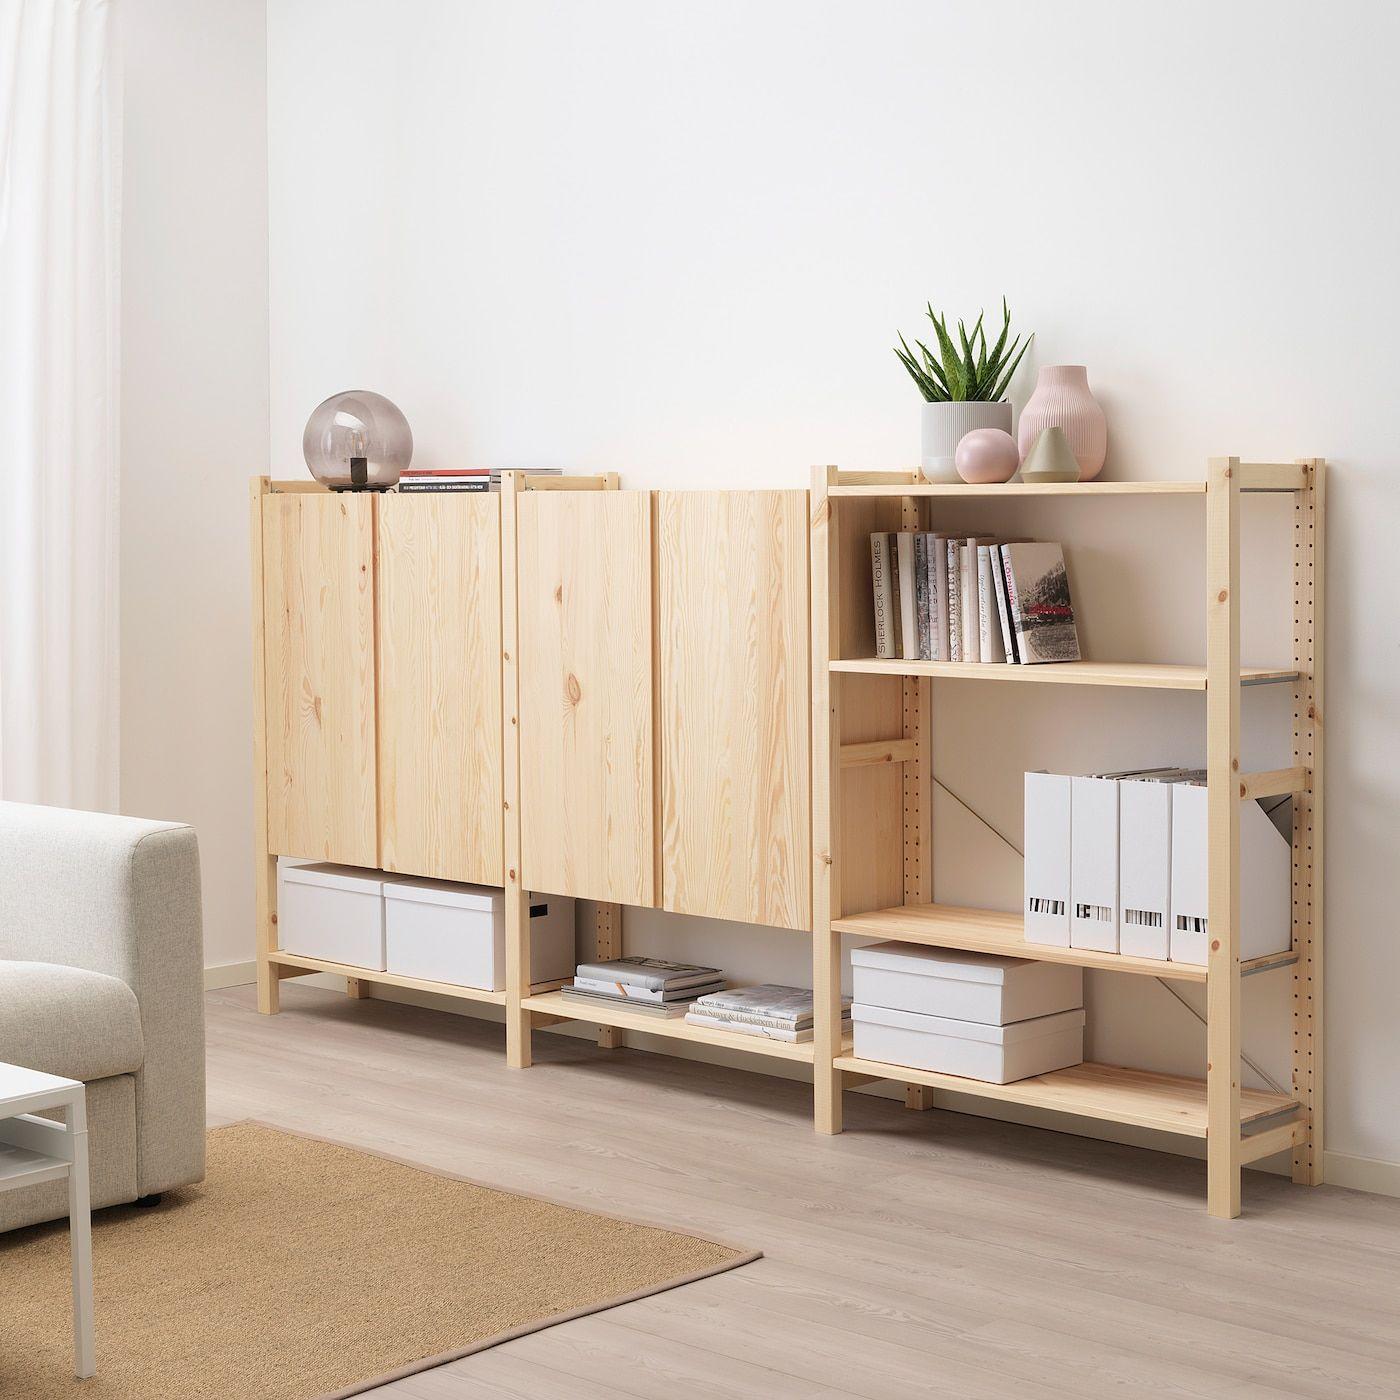 Ivar 3 Elem Boden Schrank Kiefer Ikea Osterreich In 2020